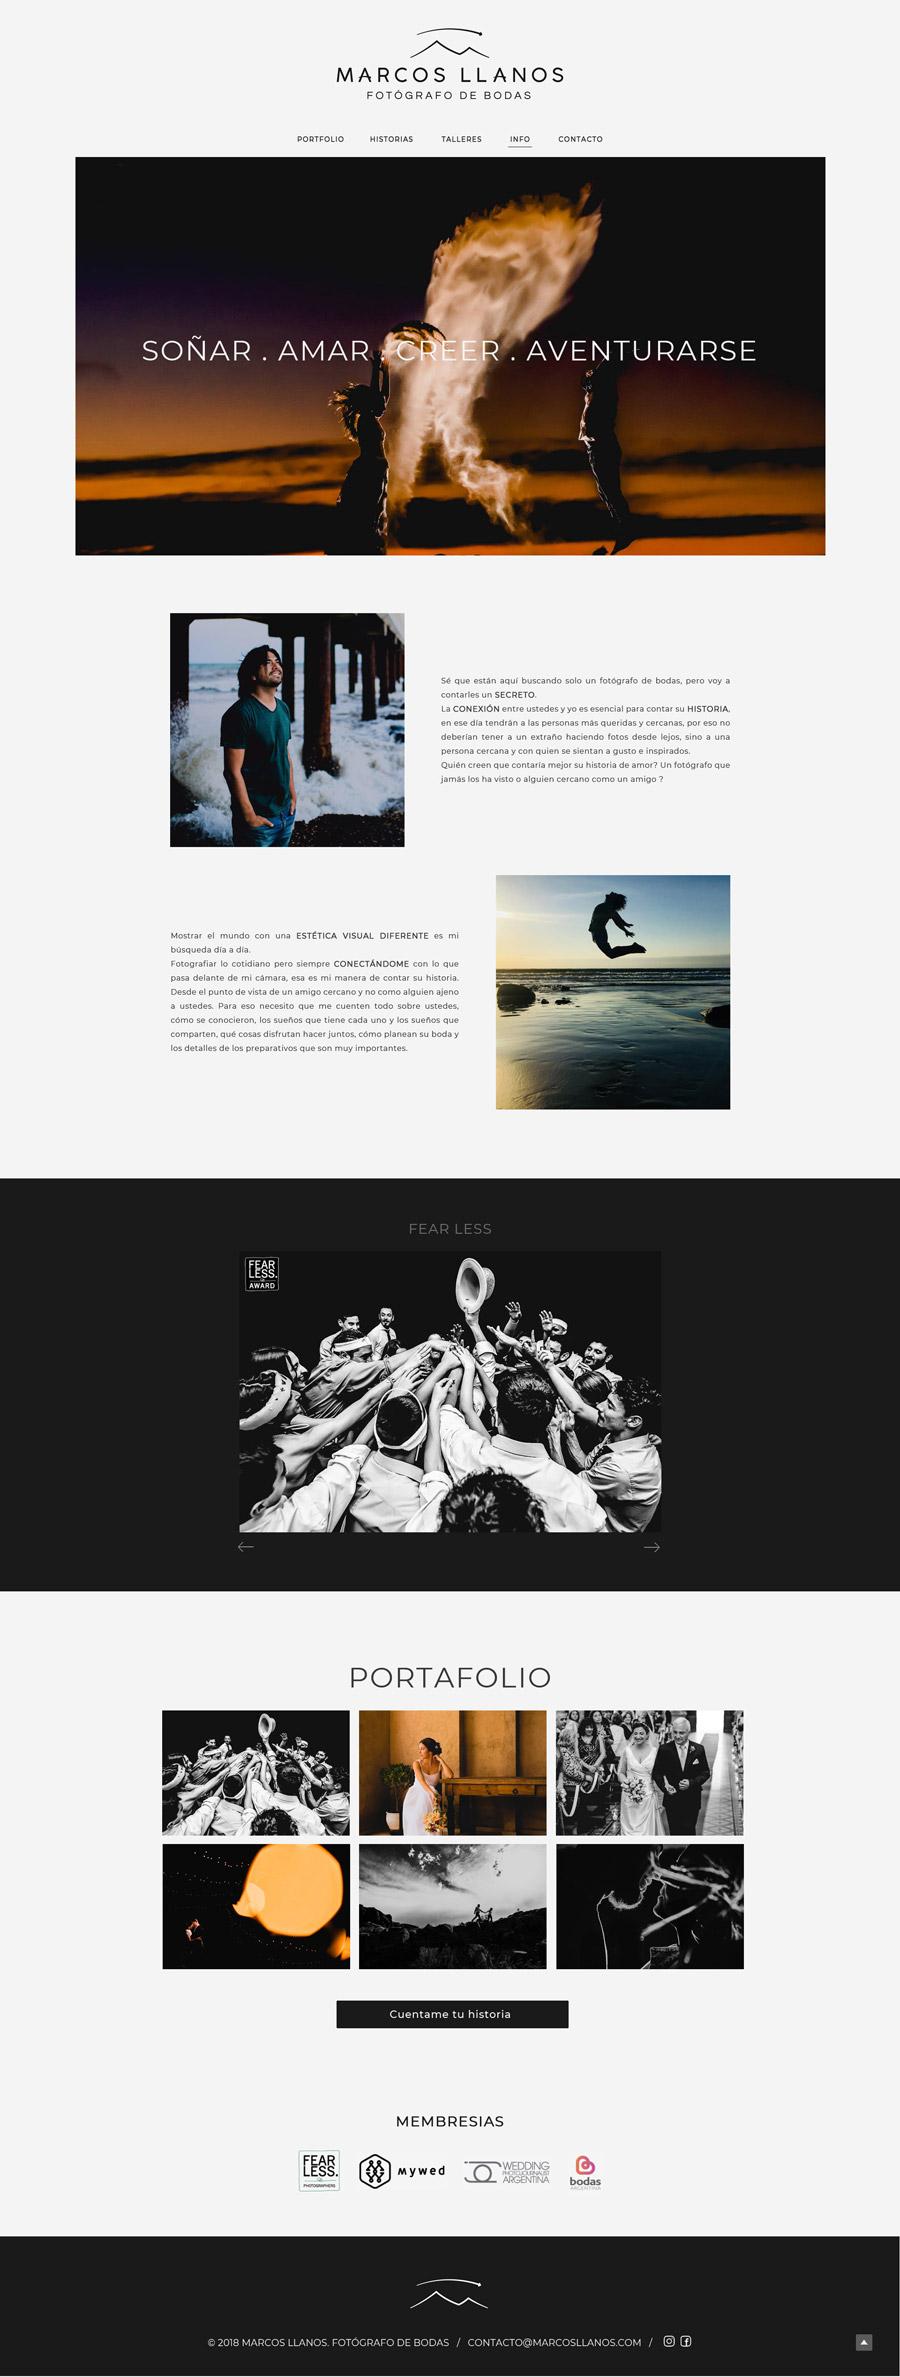 Perfil web del fotógrafo Marcos Llanos que documenta fotos de boda. Diseño y desarrollo La Vuelta Web